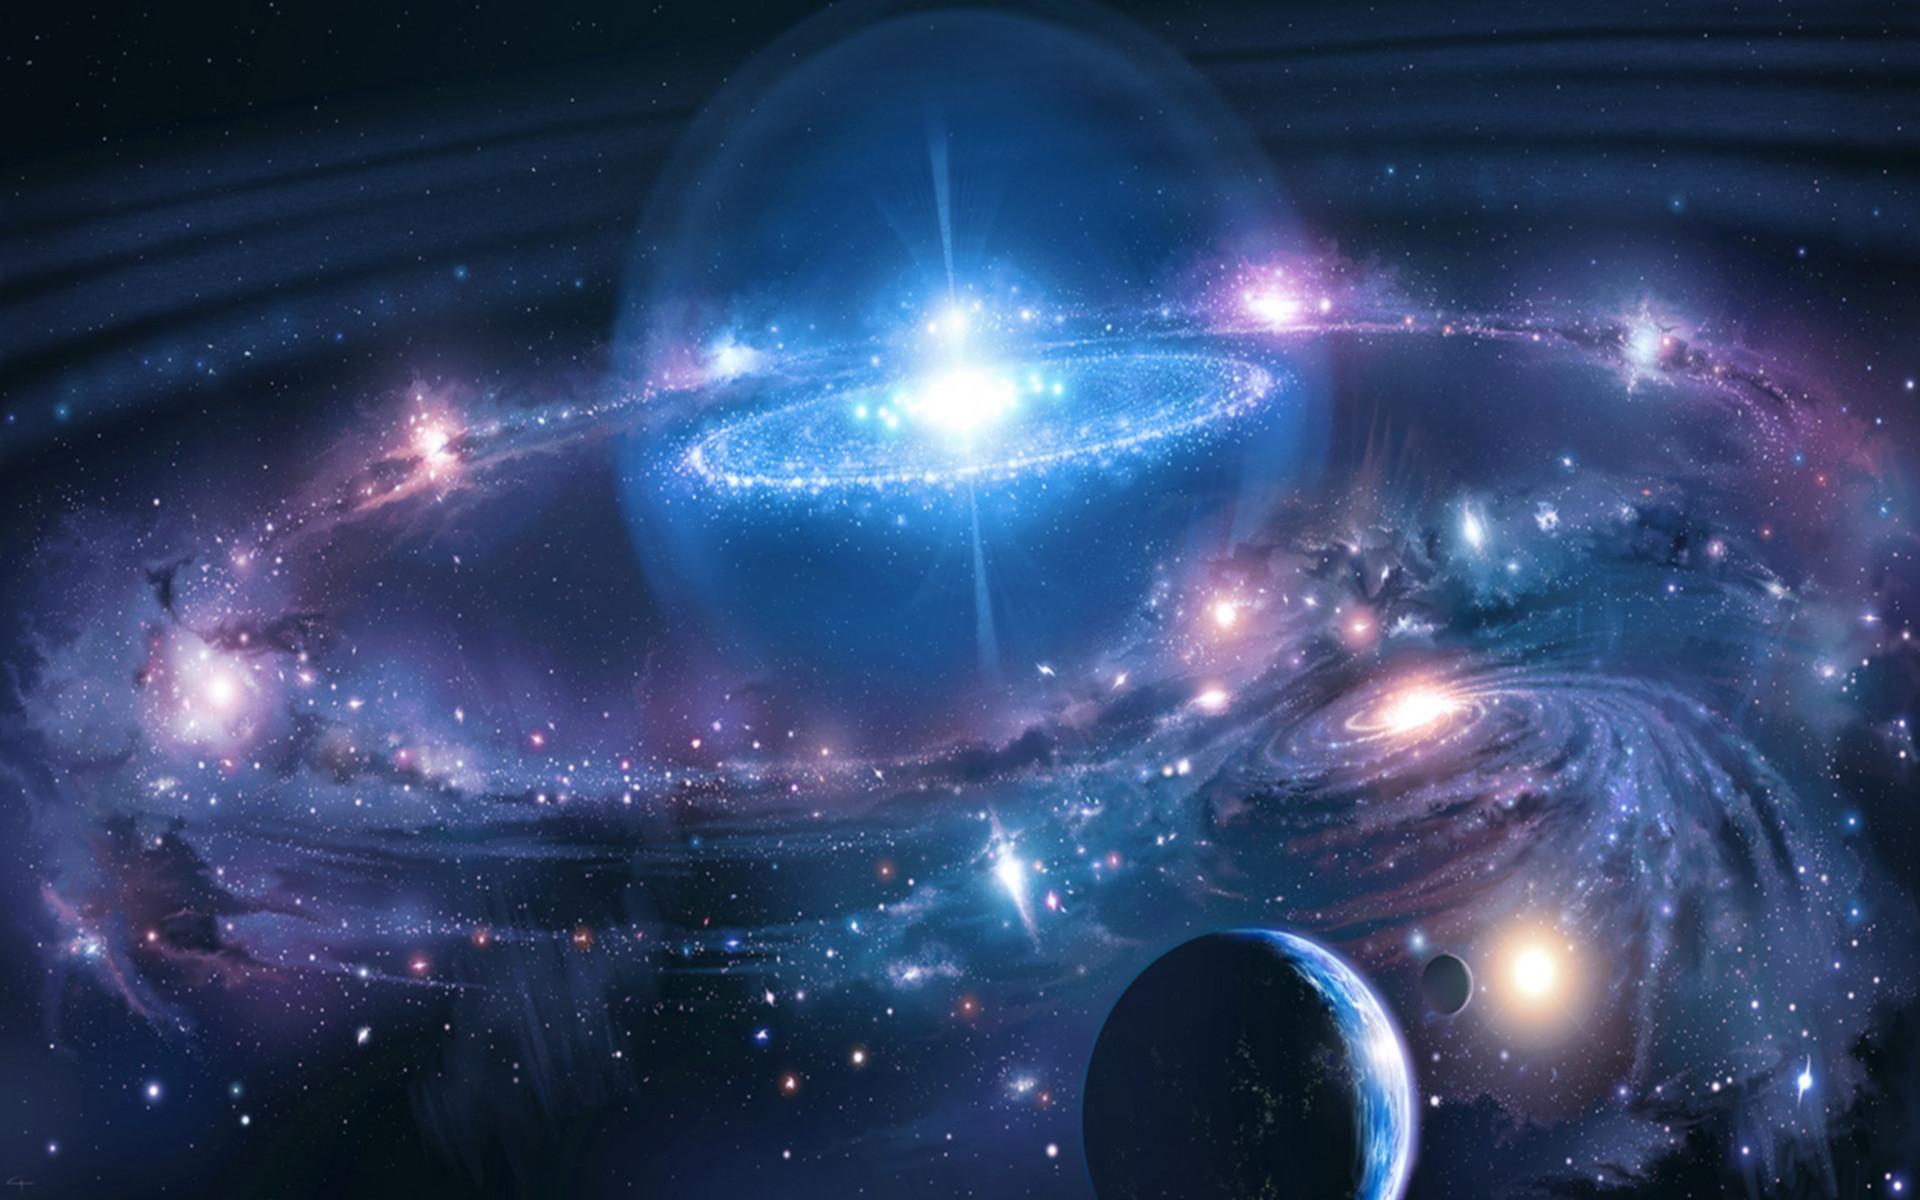 自分の星を一日で知る<br>【天運】星読み講座のイメージ